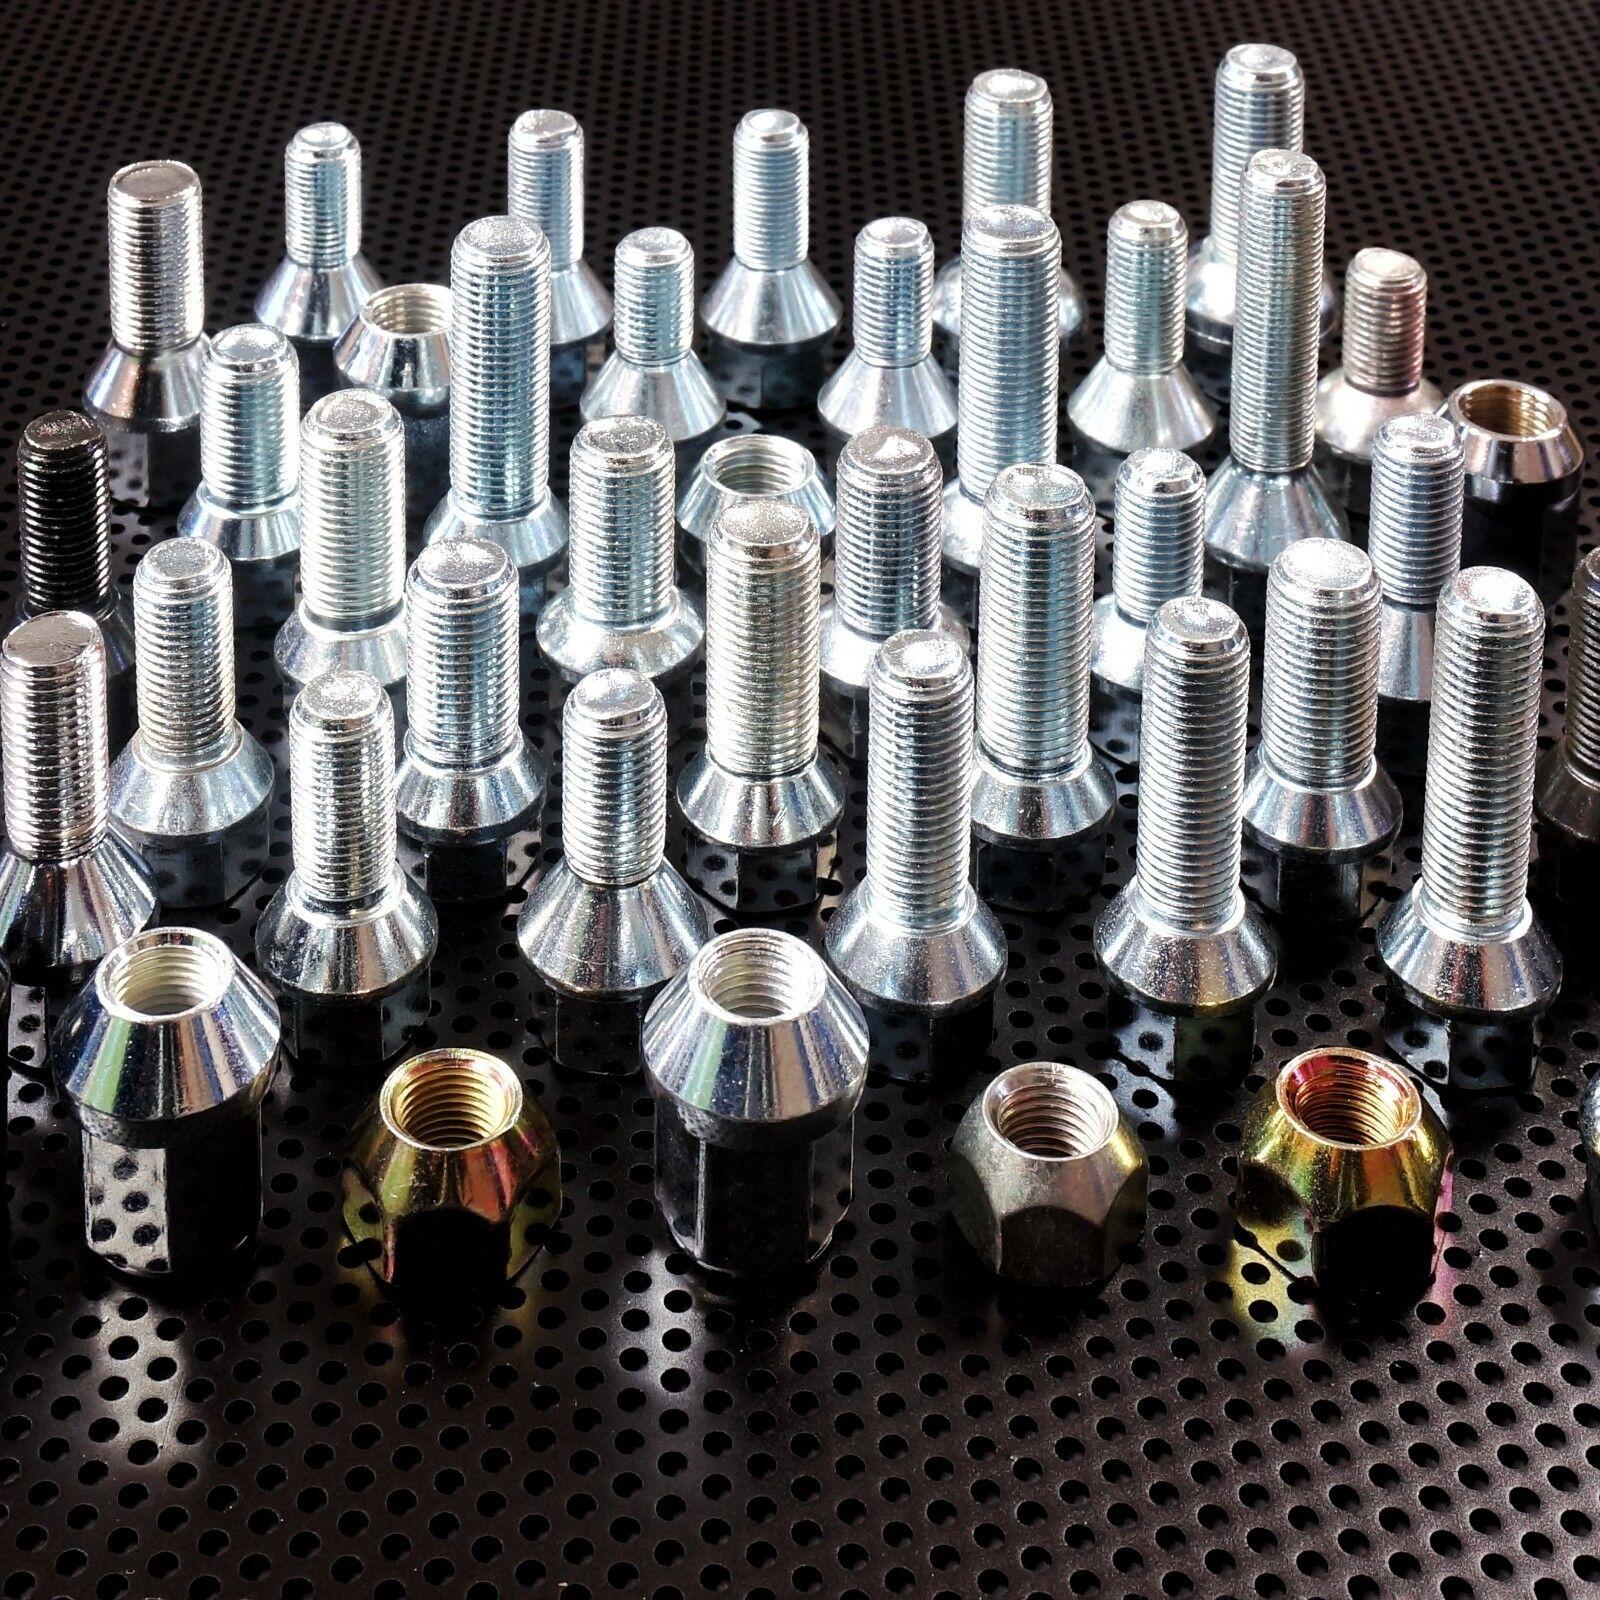 Radschrauben Radbolzen M12 x 1,5 1,25 Kugel Kegelbund für Alufelgen Stahlfelgen